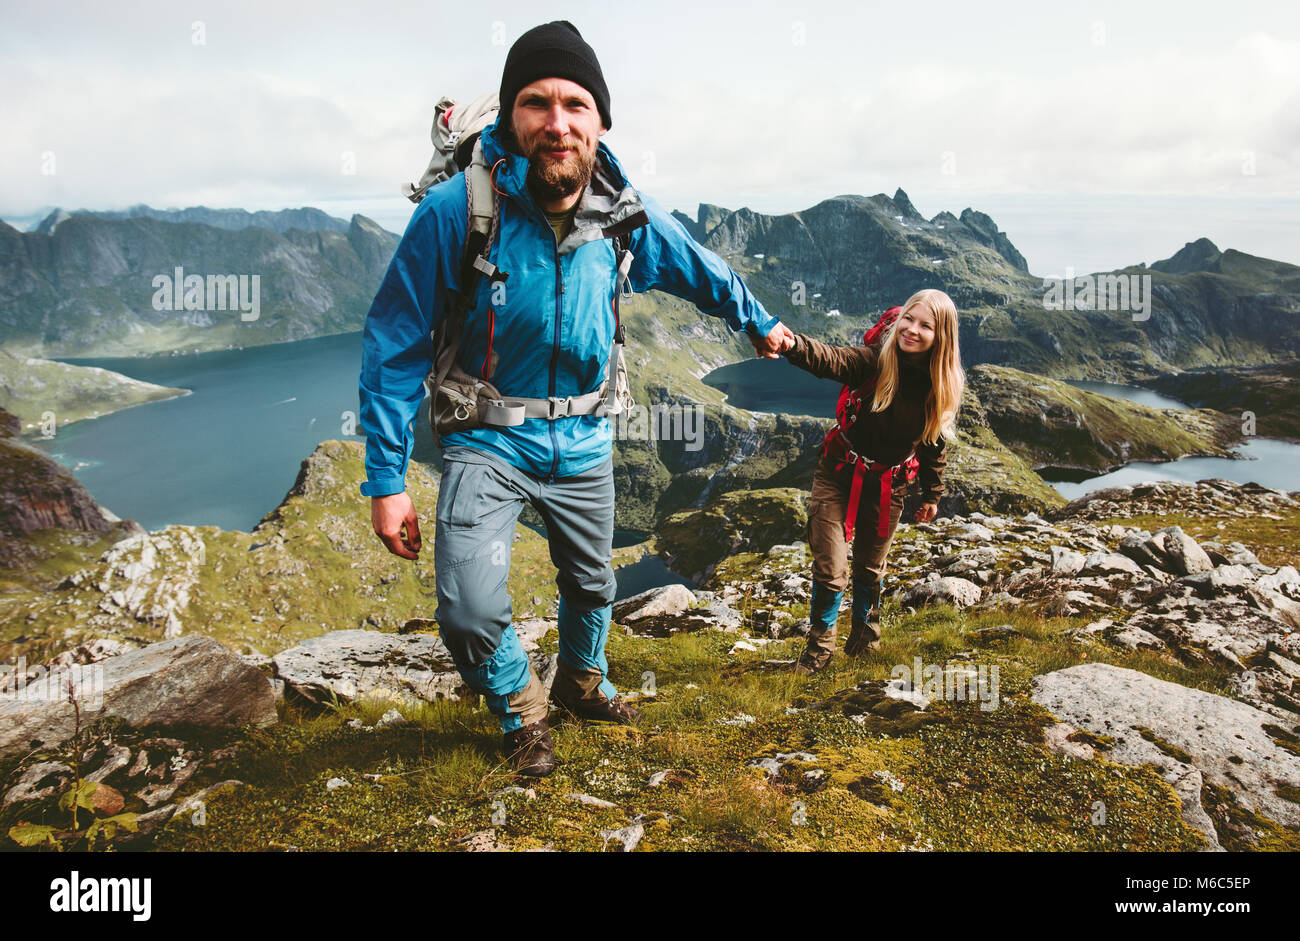 Glückliches Paar Wandern in Norwegen Bergen Liebe und Travel Holding hands Mann und Frau gemeinsam Lifestyle Stockbild